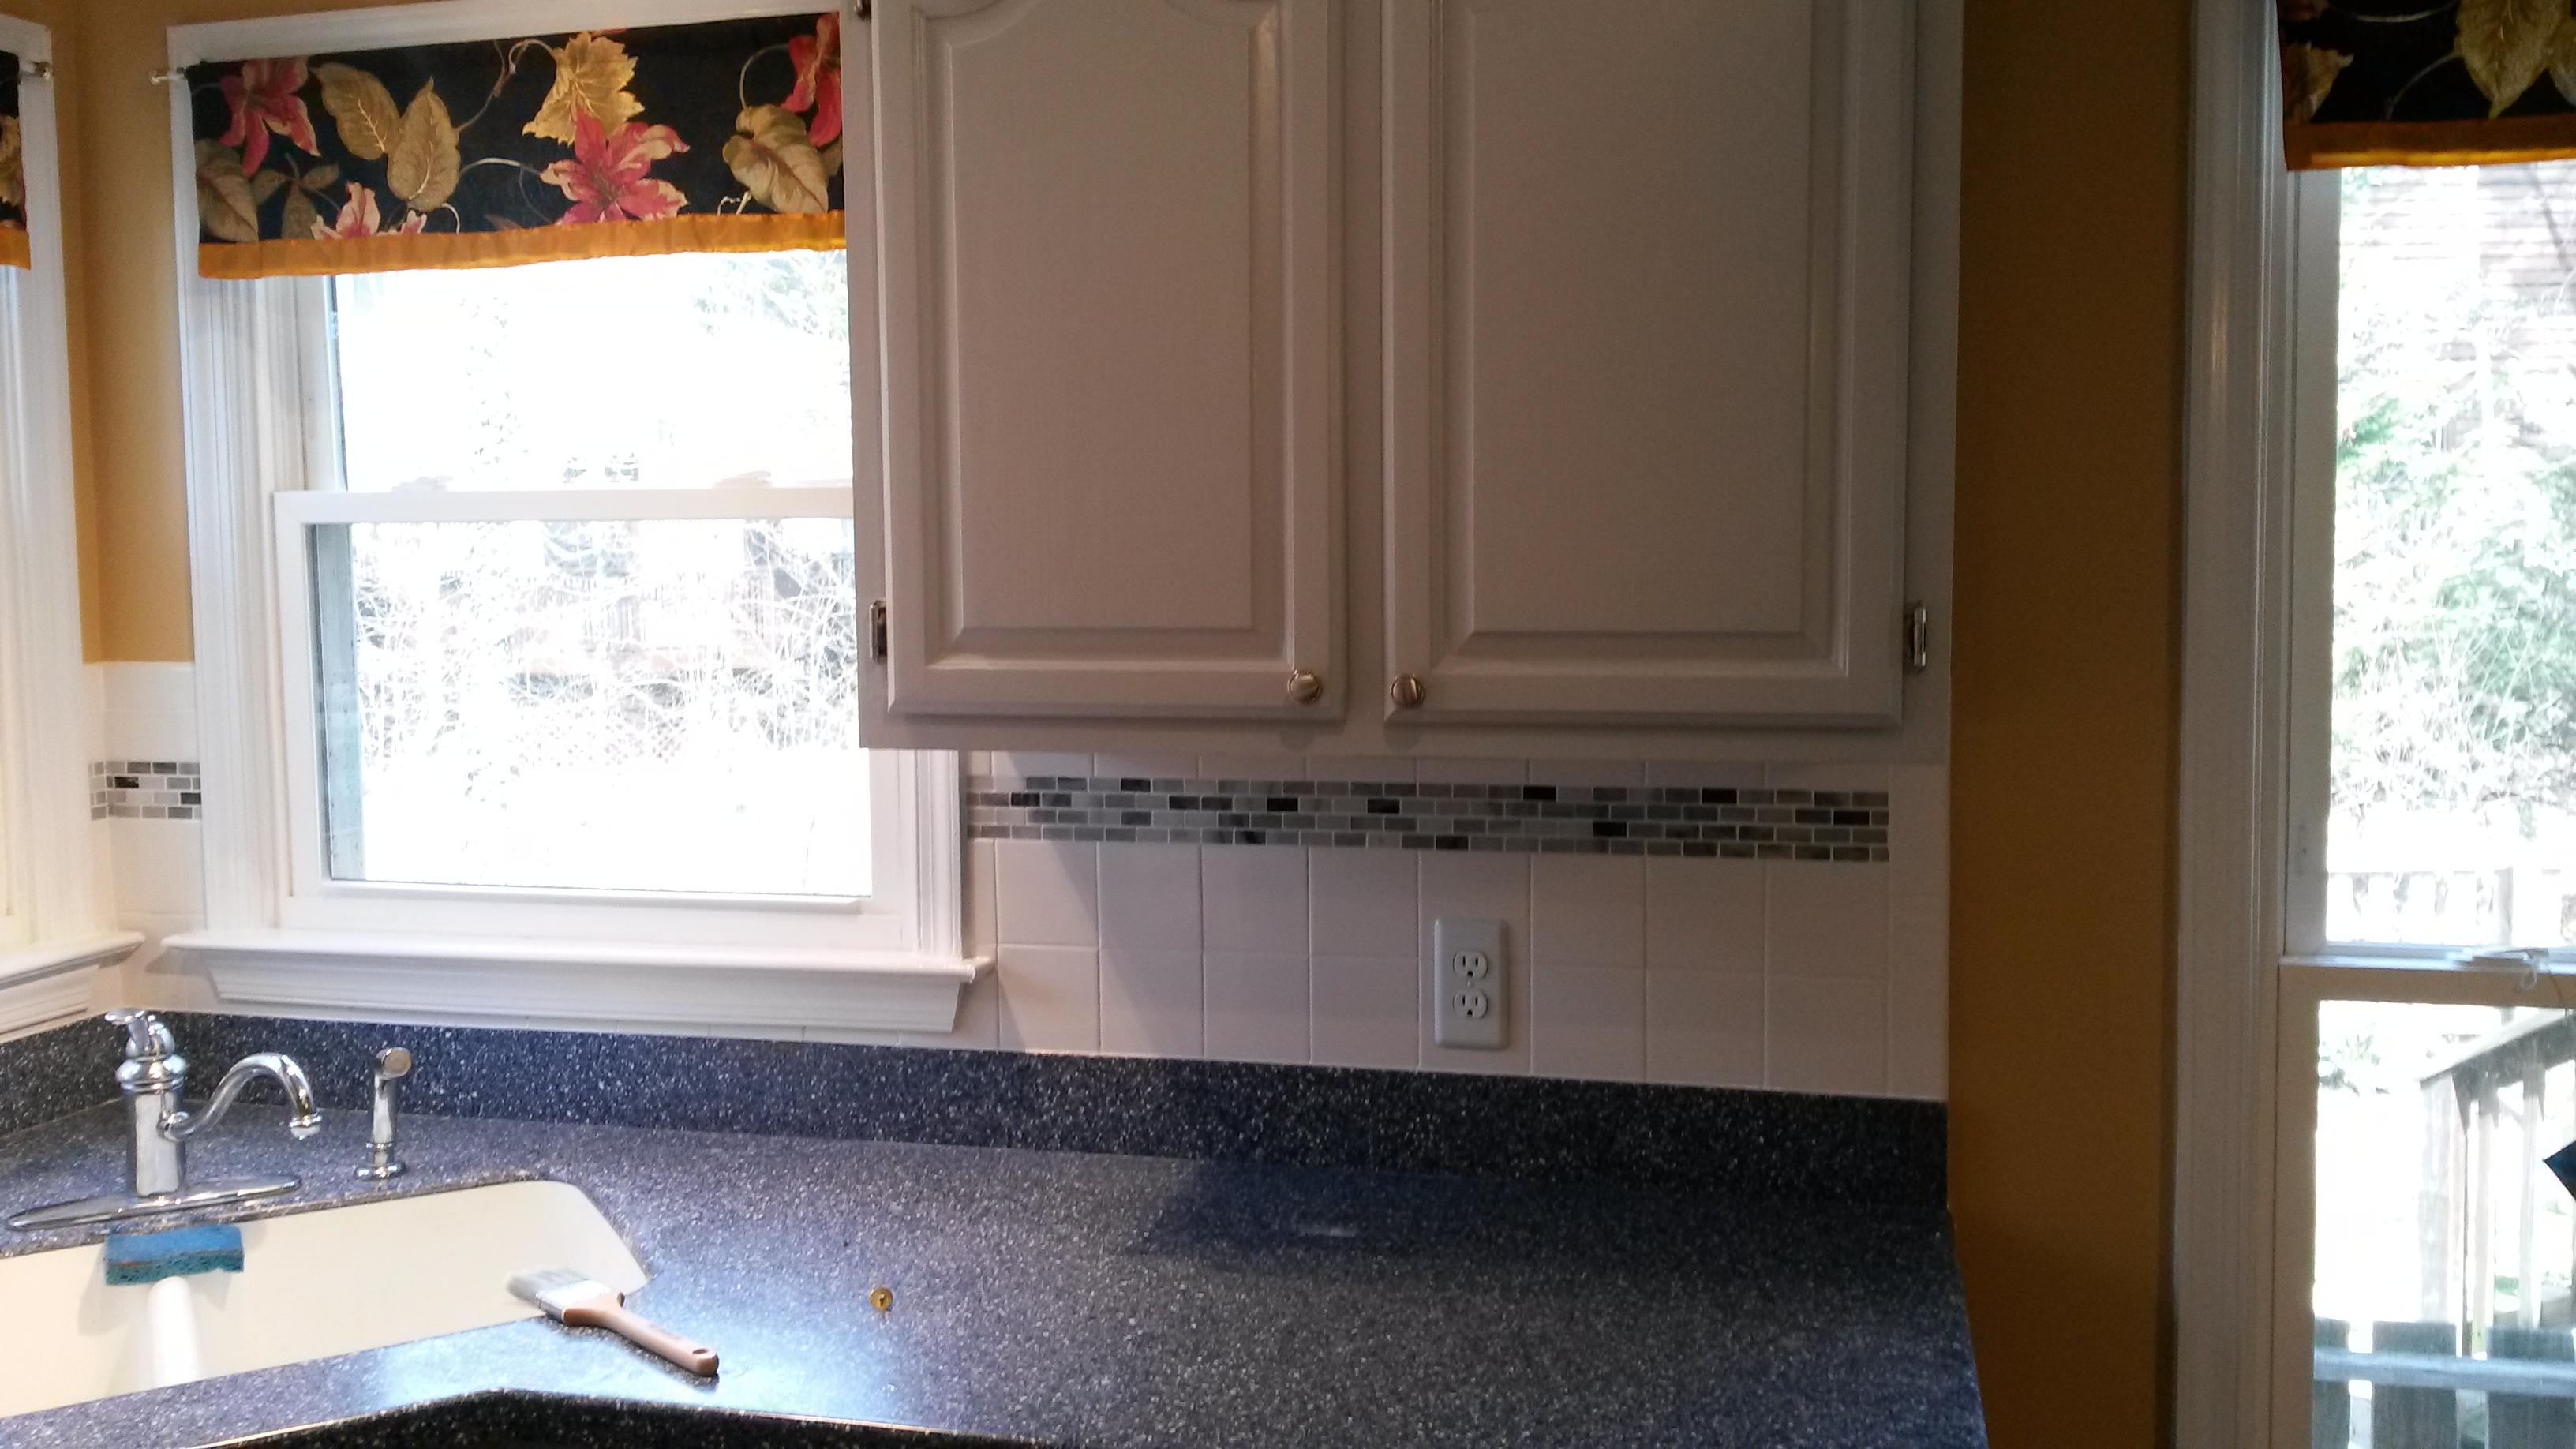 tile back splash installation.jpg